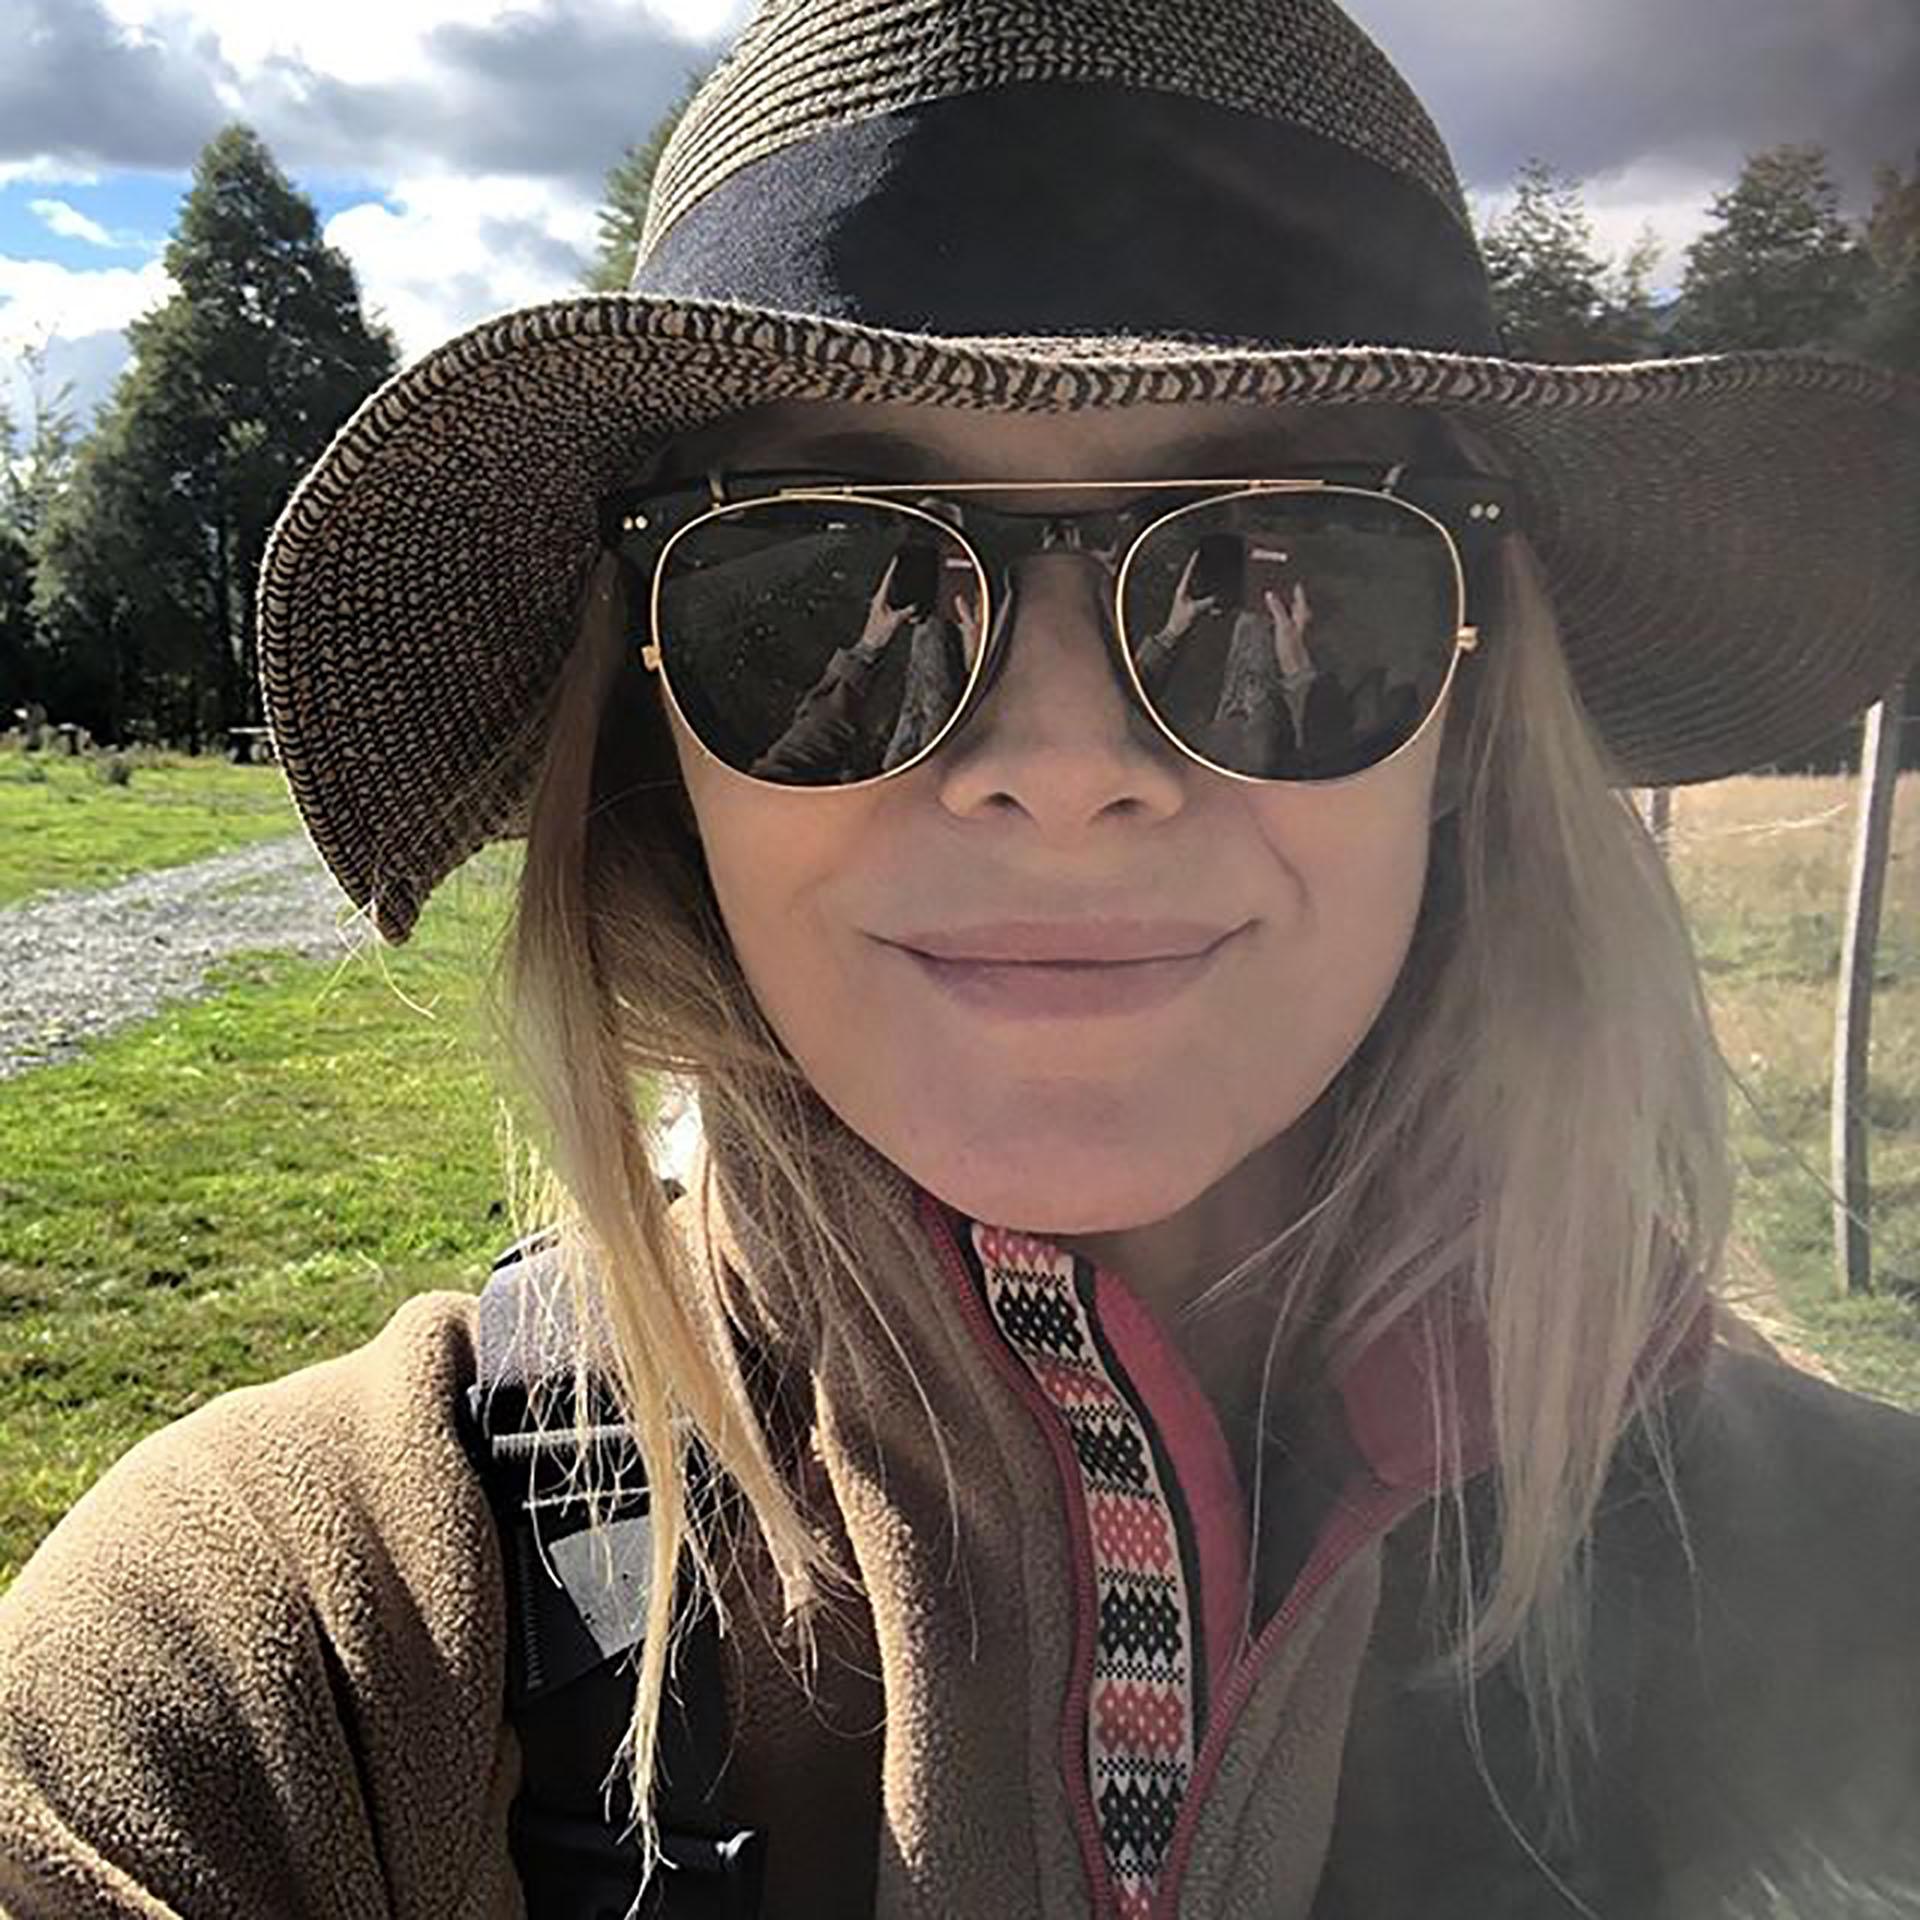 """Michelle Pfeiffer compartió una foto en la Patagonia Argentina. Sin maquillaje y relajada, la actriz caracterizó el lugar como """"la perfección"""" (Foto: Instagram)"""